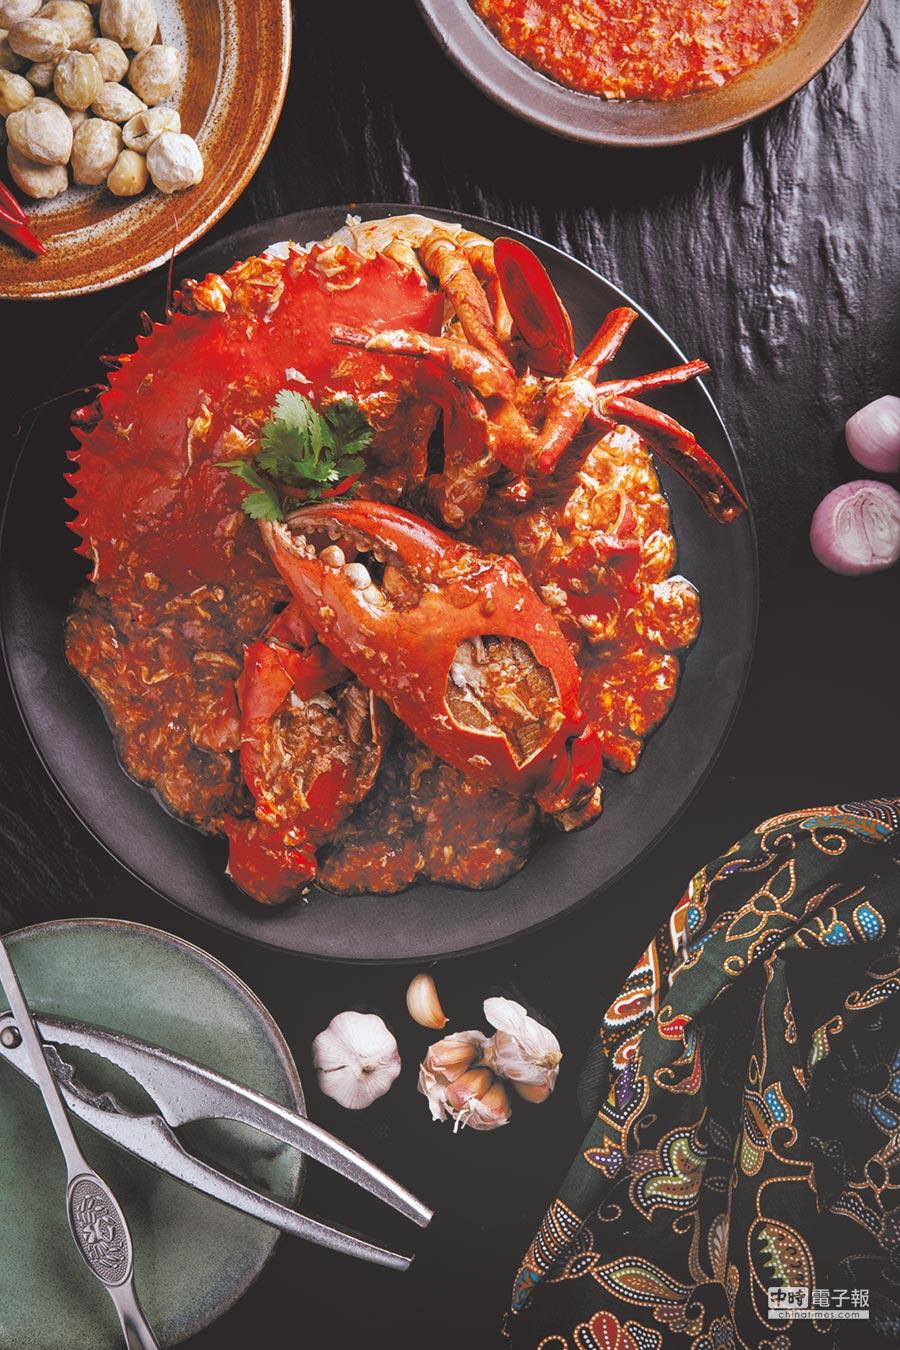 新光三越台中中港店新引進新加坡國寶級海鮮首選餐廳「珍寶海鮮」,加強食力和集客力。(新光三越提供)